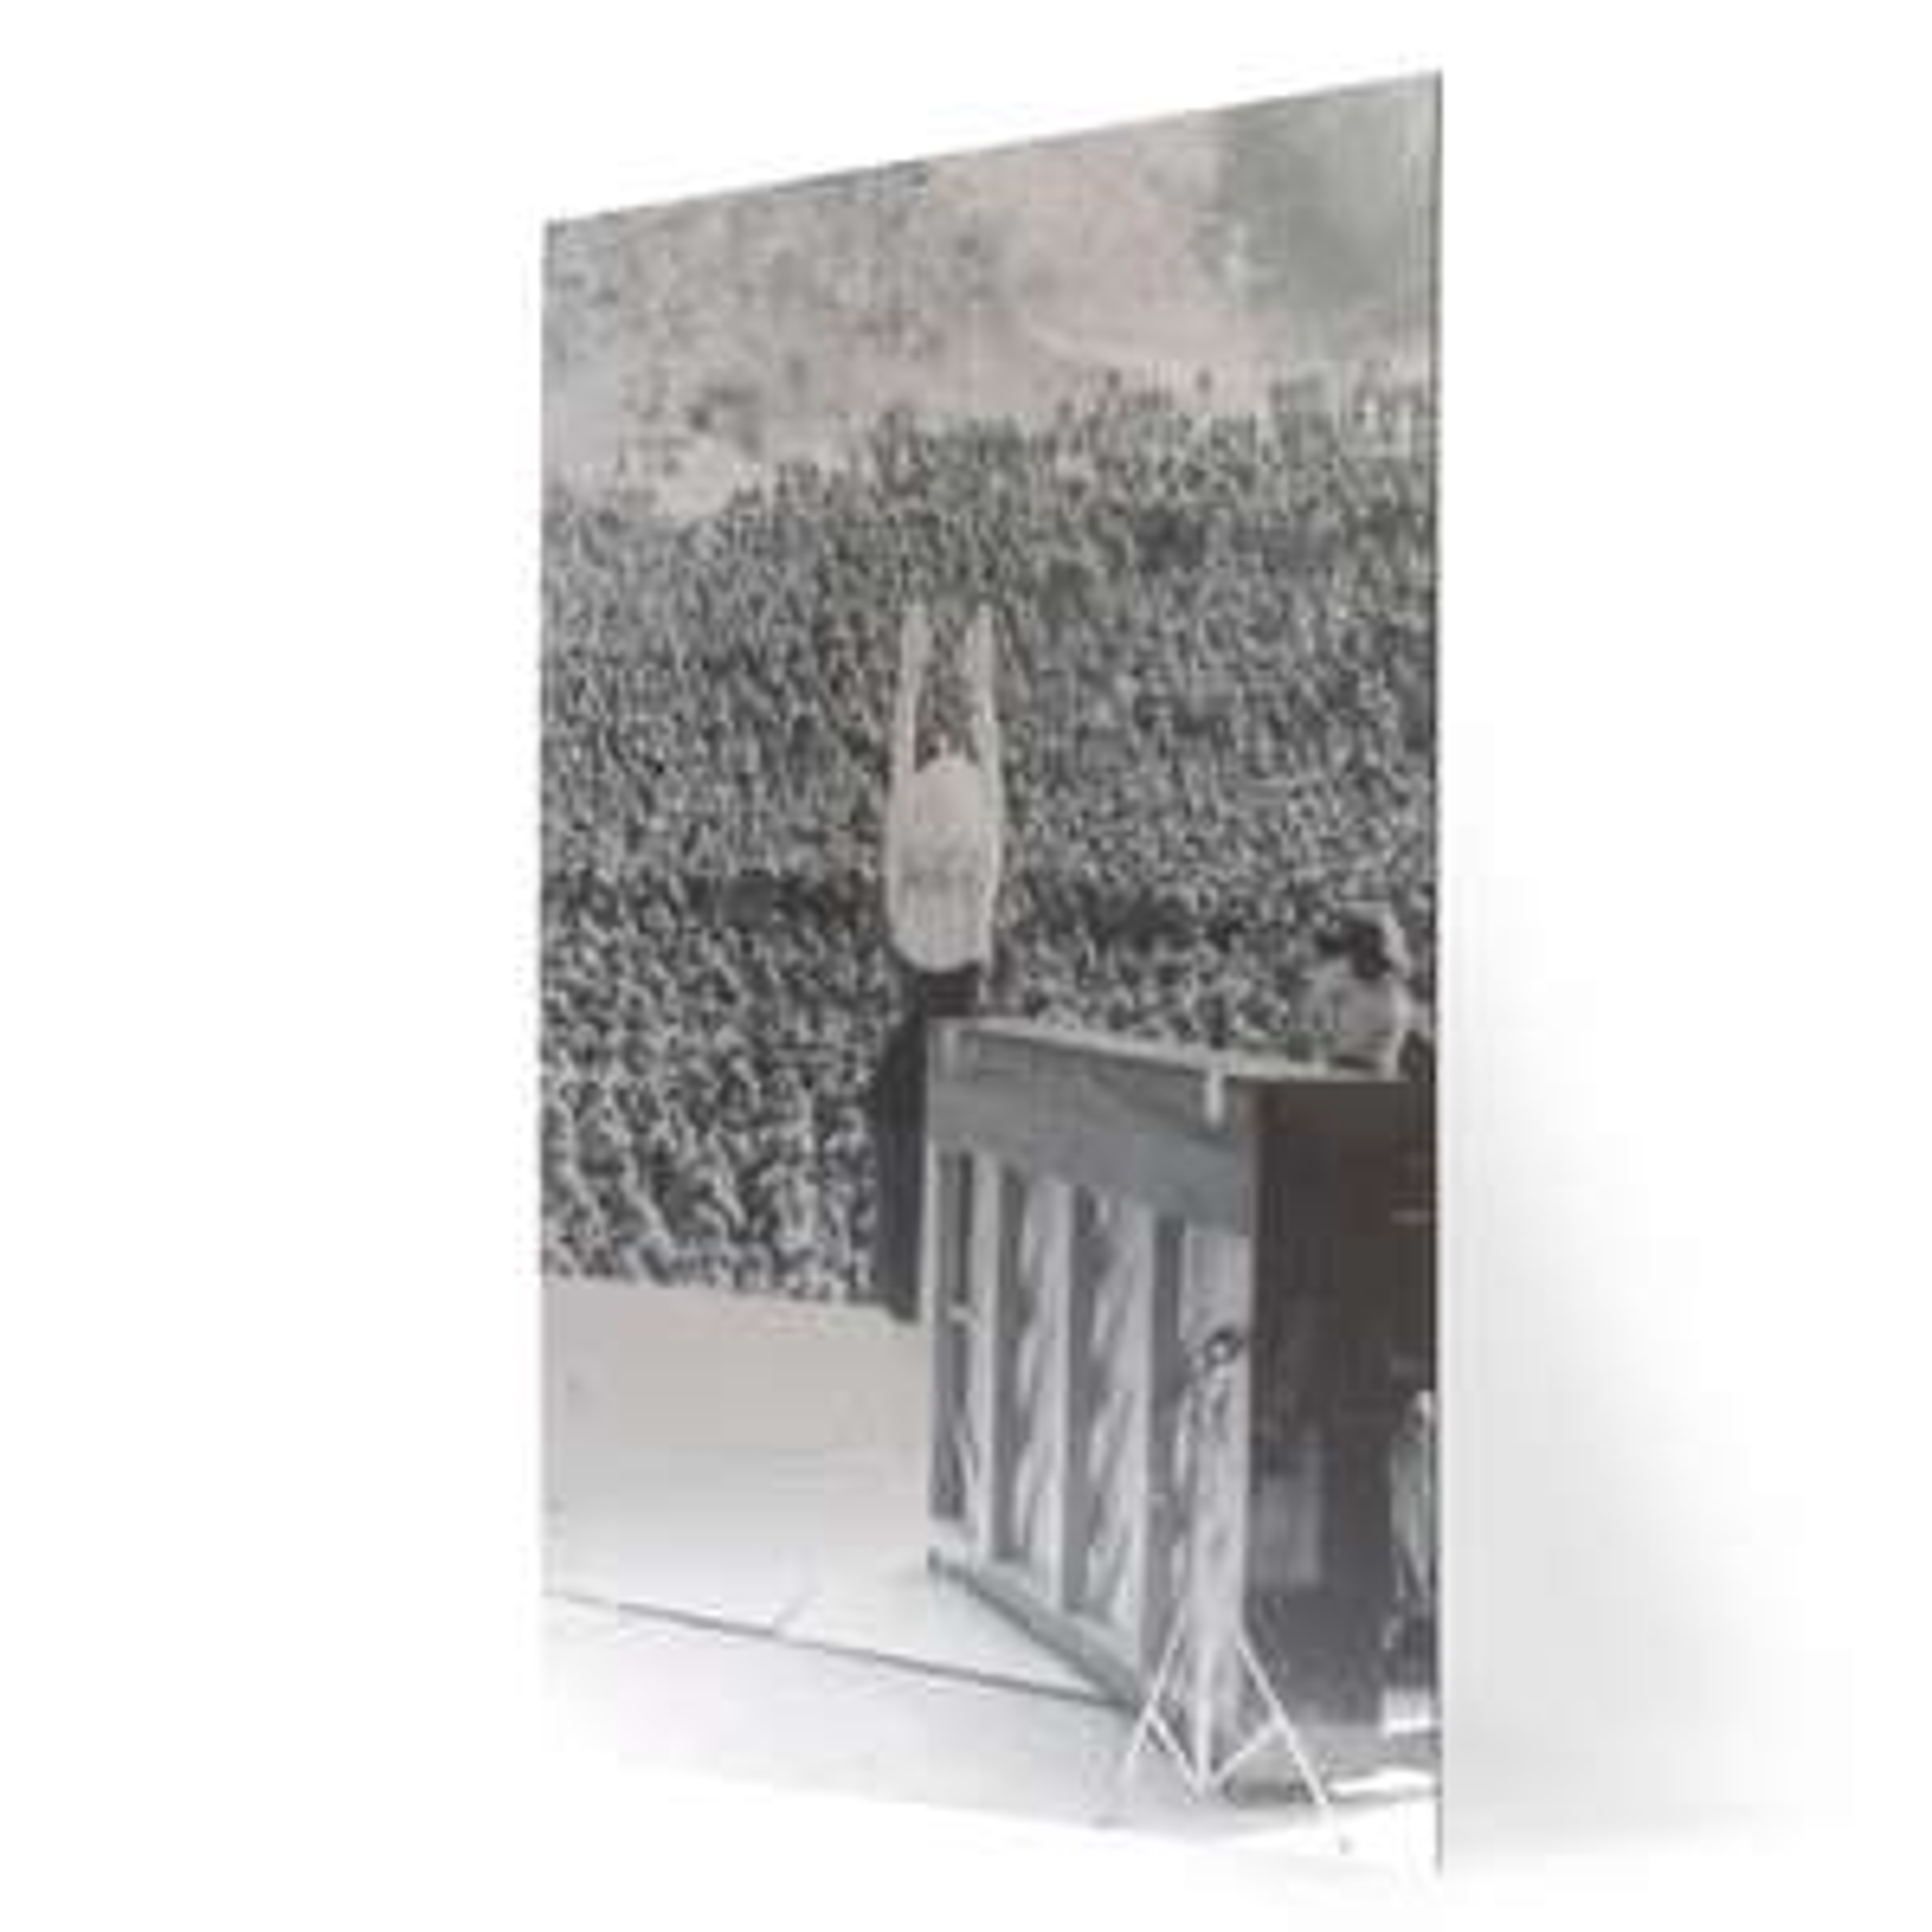 Art for the Home - Schilderij op aluminium - Marilyn Monroe - 50x70 cm [was €59,95]